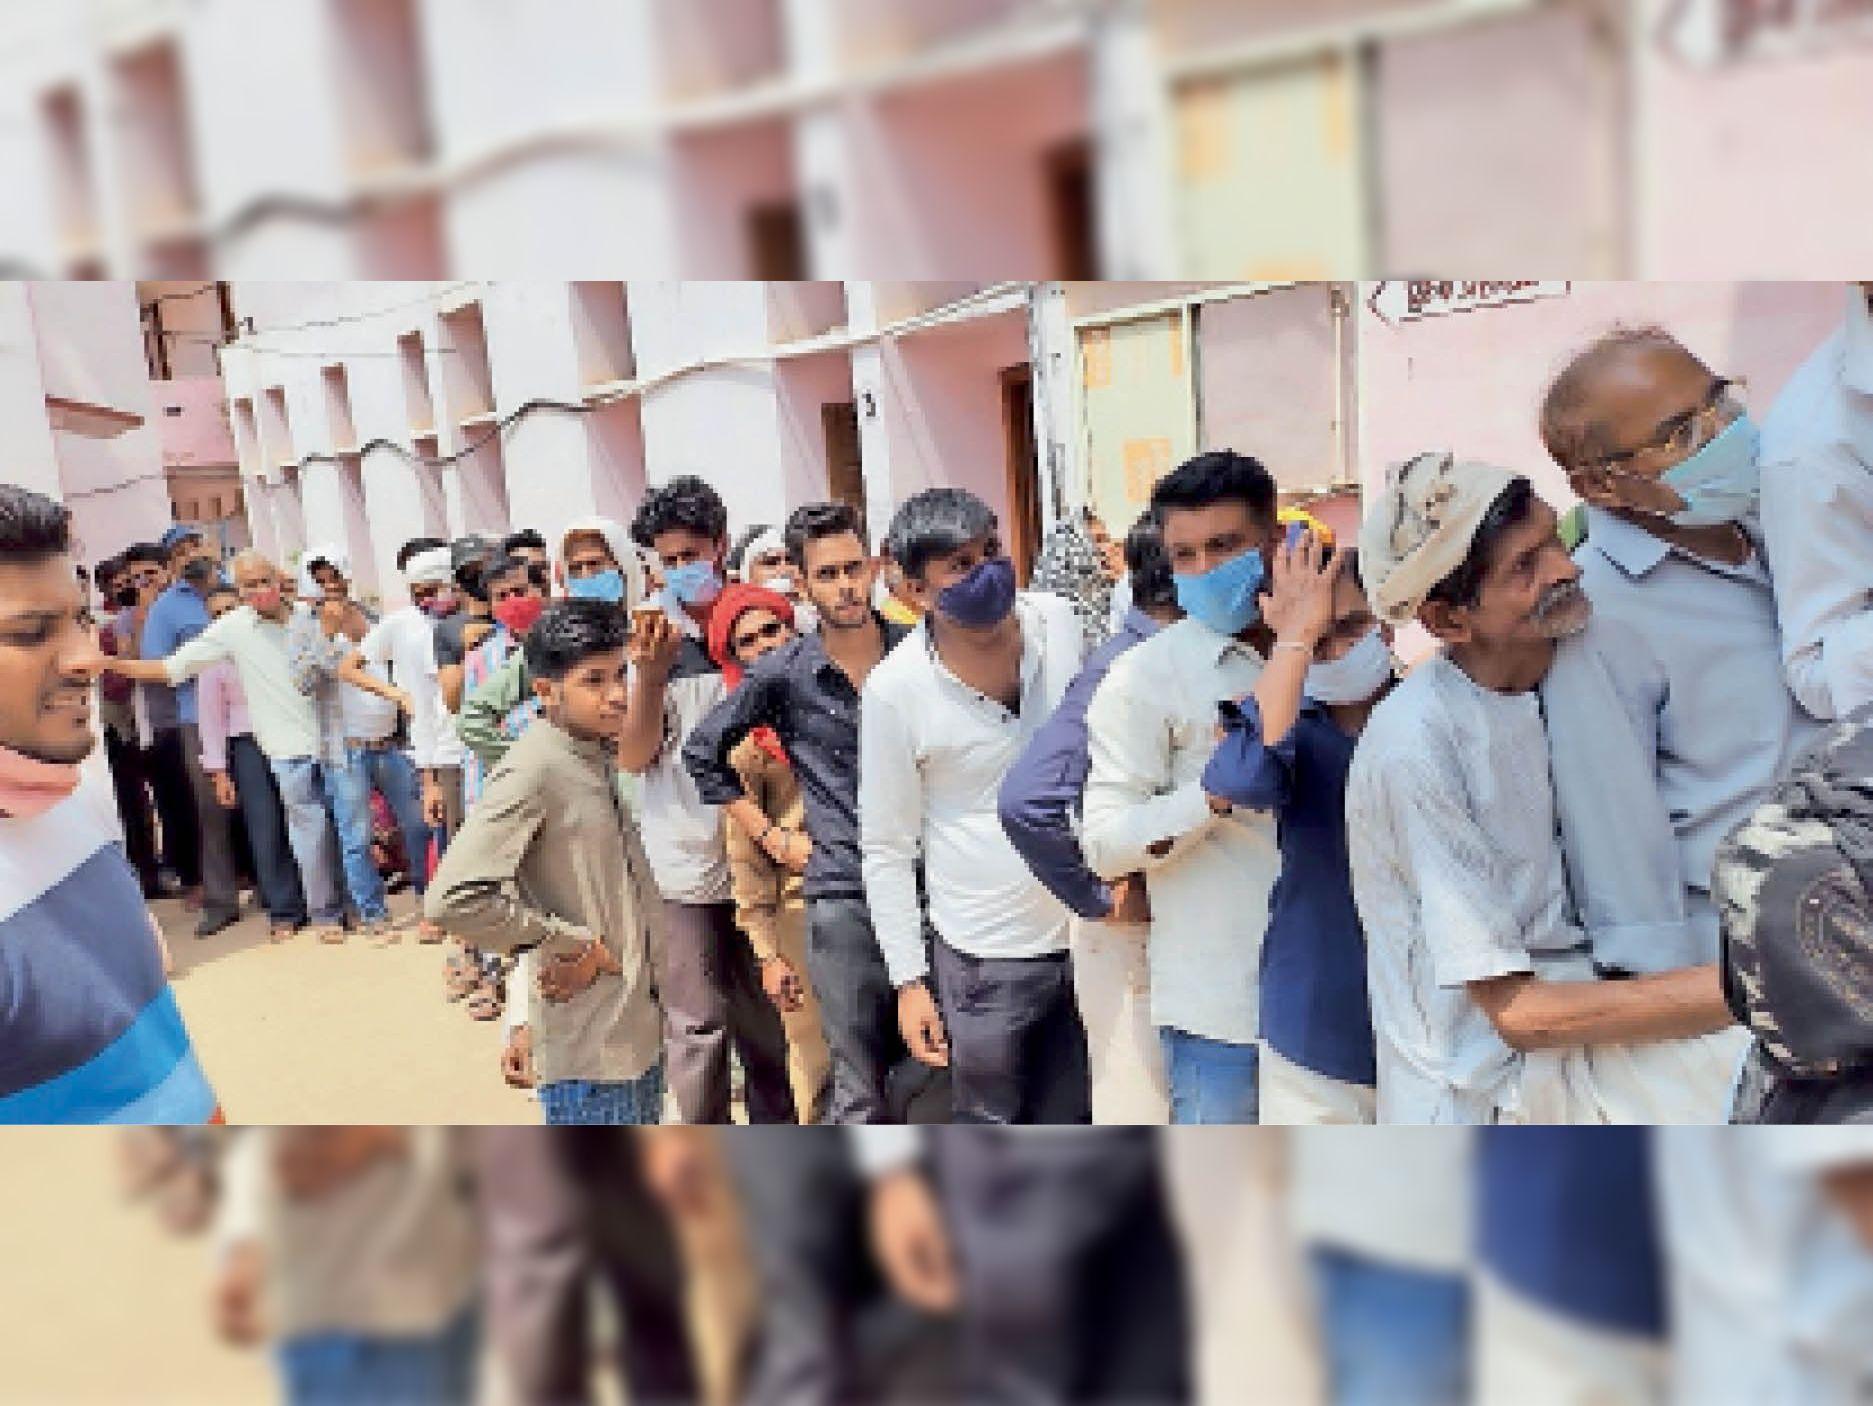 कन्या स्कूल में वैक्सीनेशन कराने के लिए लगी लोगों की लंबी कतार। - Dainik Bhaskar